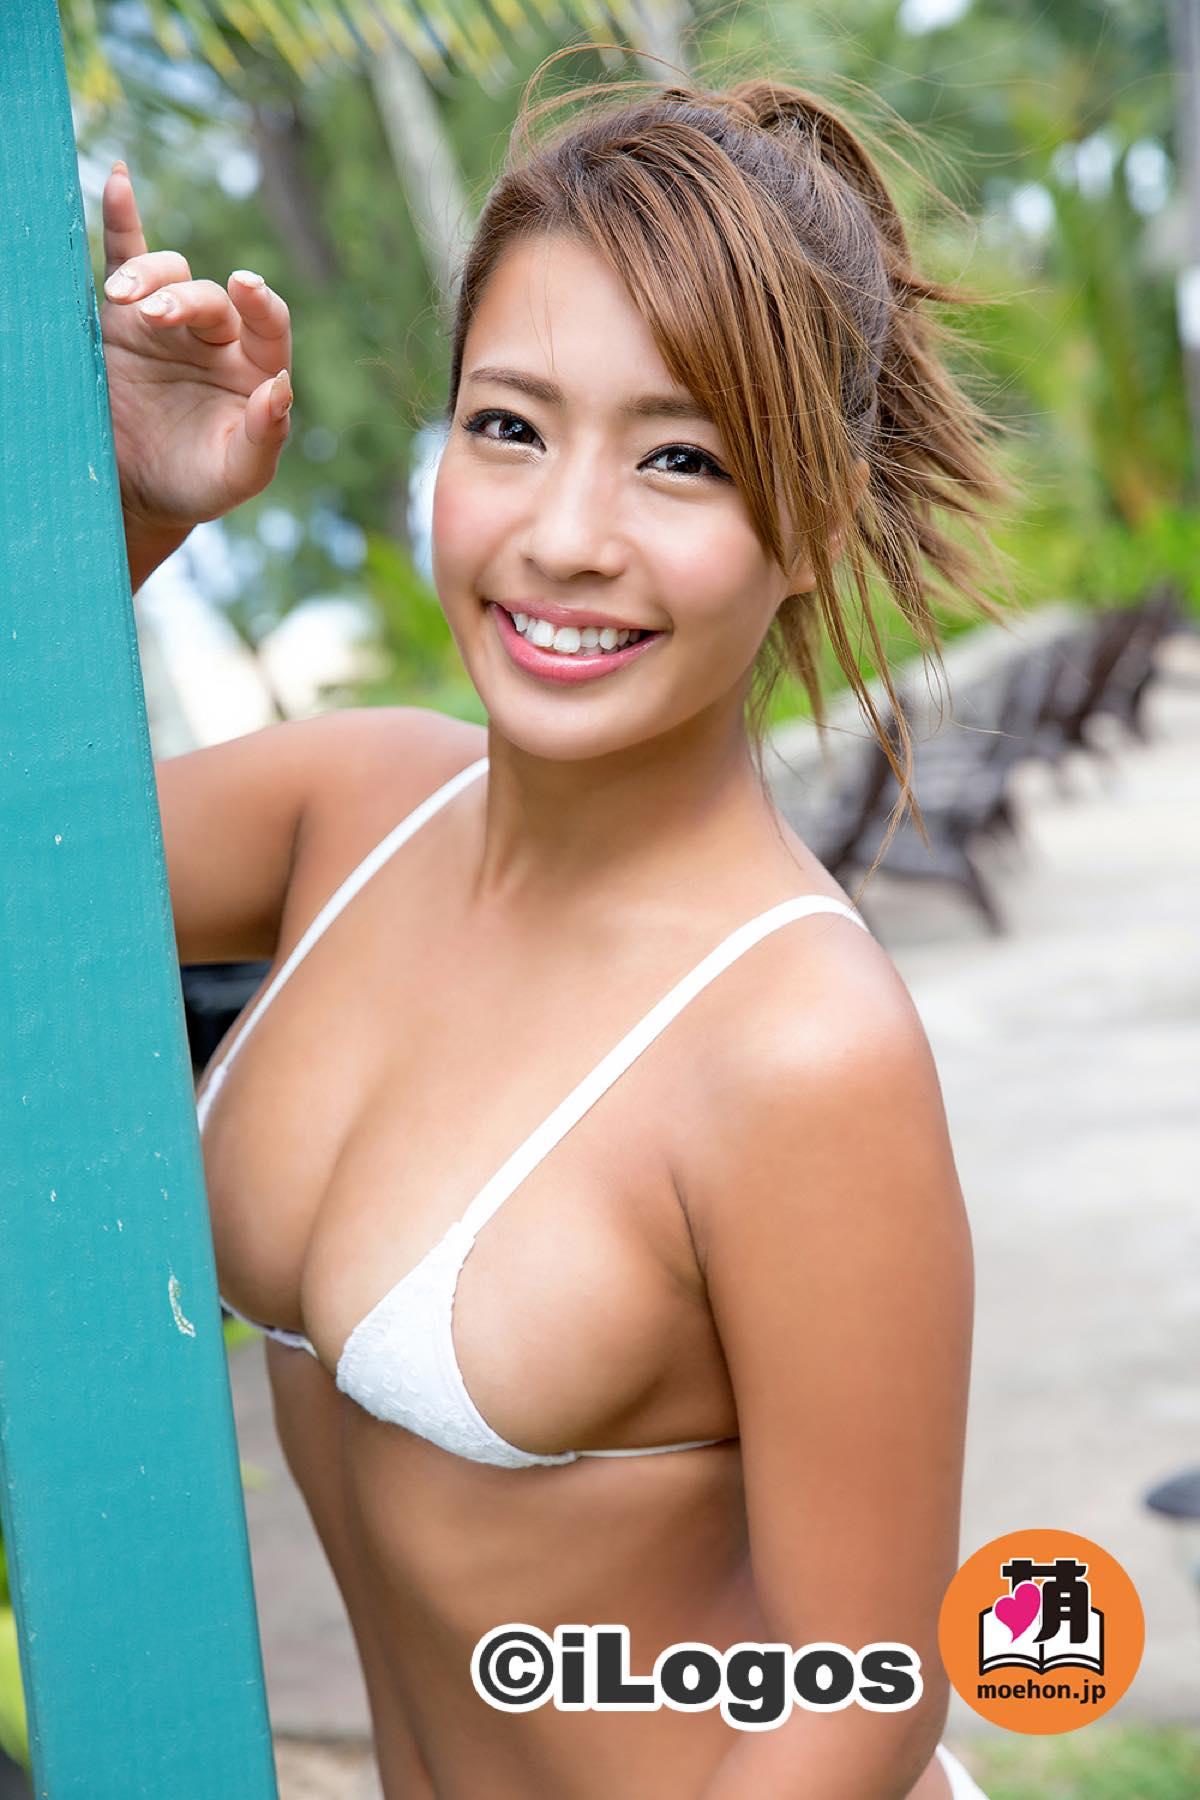 橋本梨菜「日本一太陽が似合う」小麦肌セクシー美女001